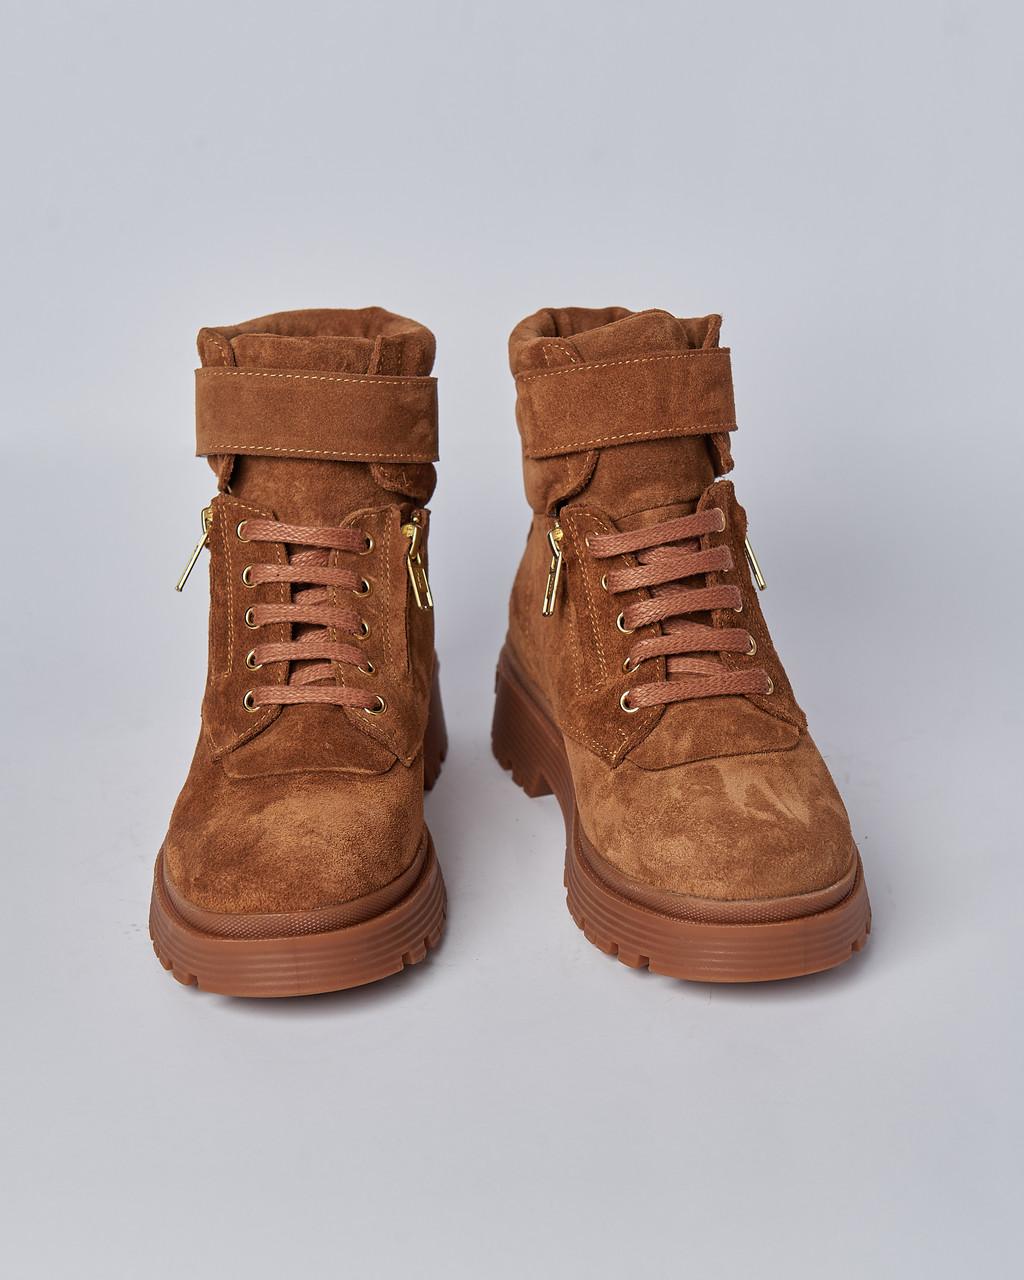 Ботинки замшевые женские коричневые на шнурках и липучке. Турция